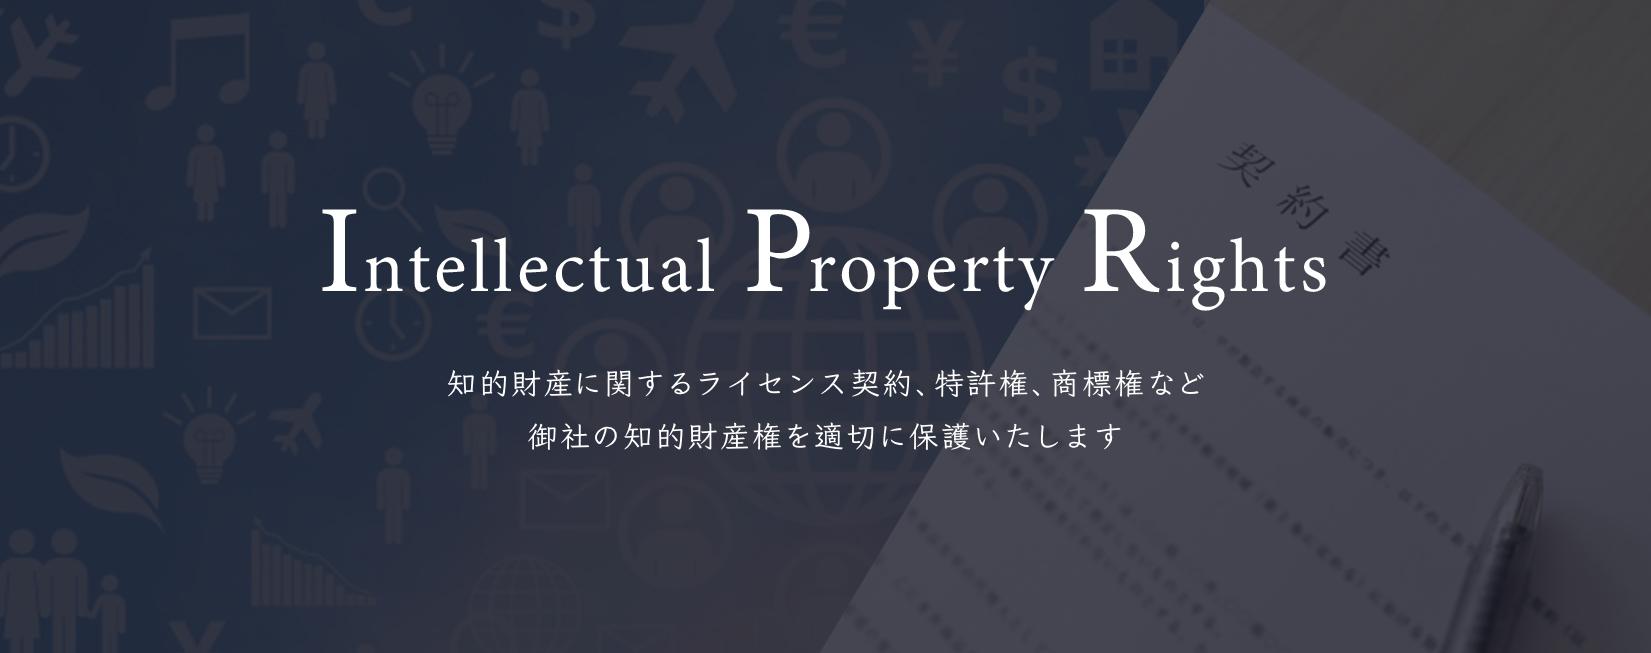 知的財産に関するライセンス契約、特許権、商標権など 御社の知的財産権を適切に保護いたします